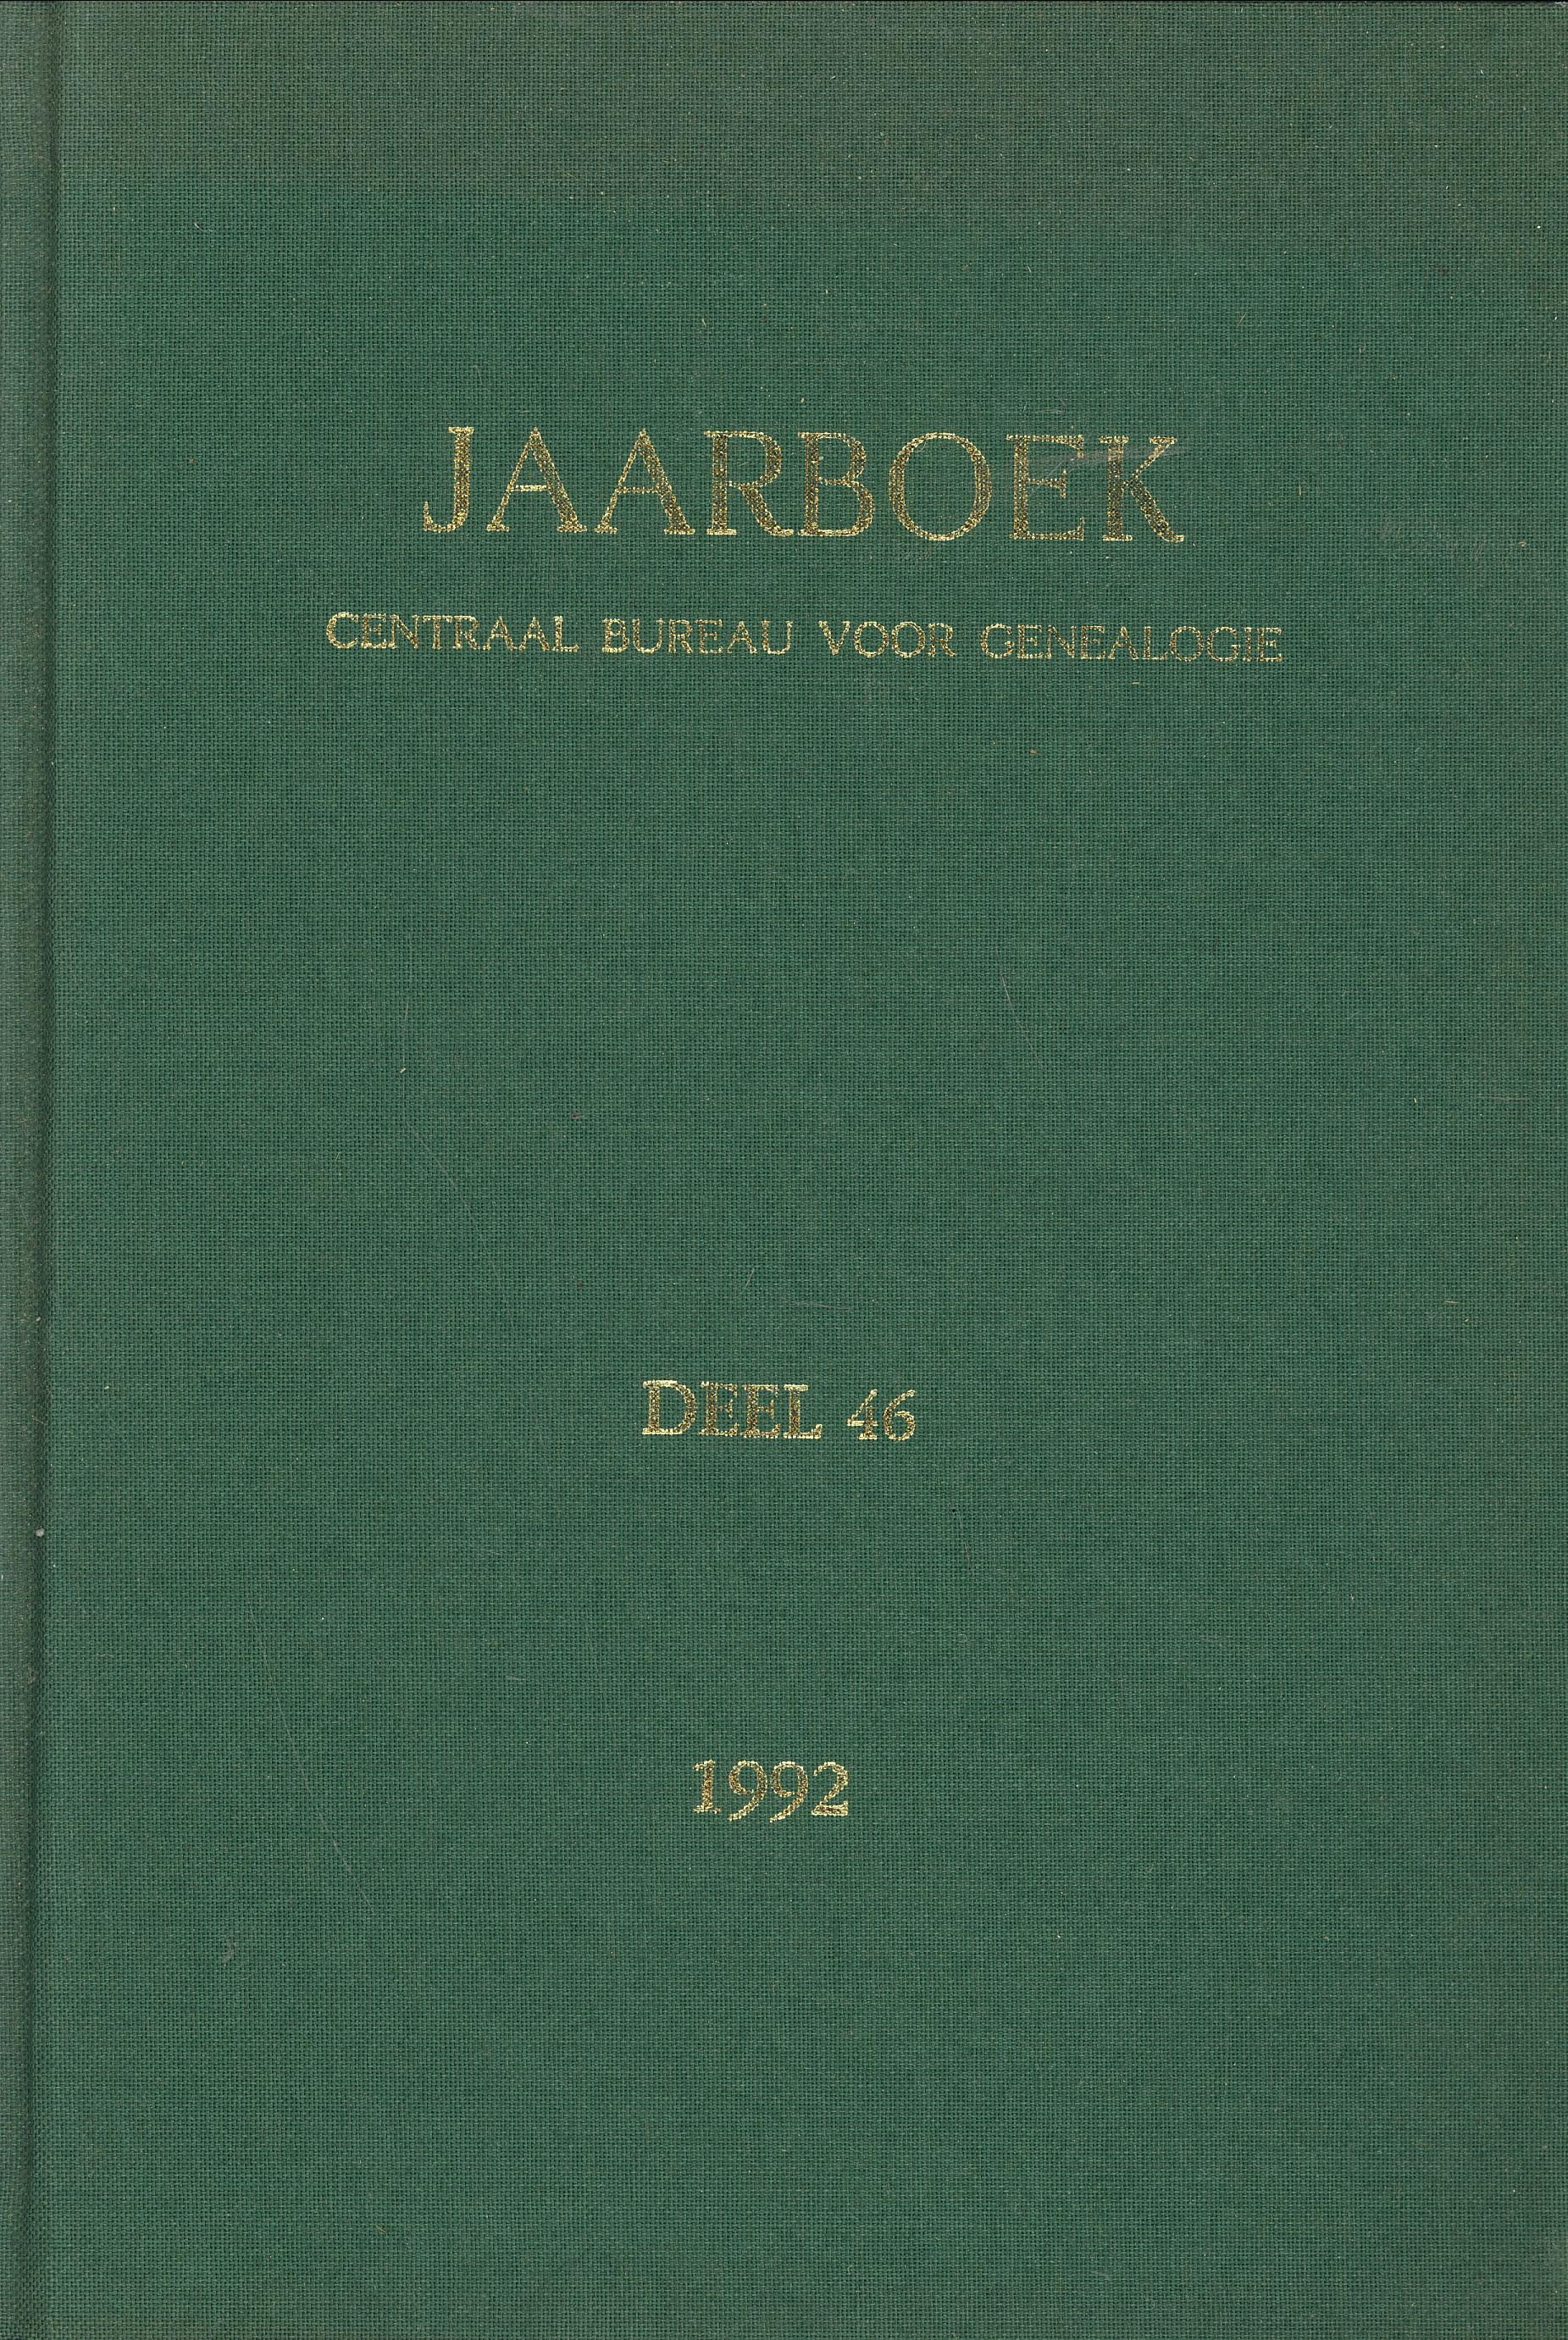 - Jaarboek van het Centraal Bureau voor Genealogie en het Iconographisch Bureau, deel 46